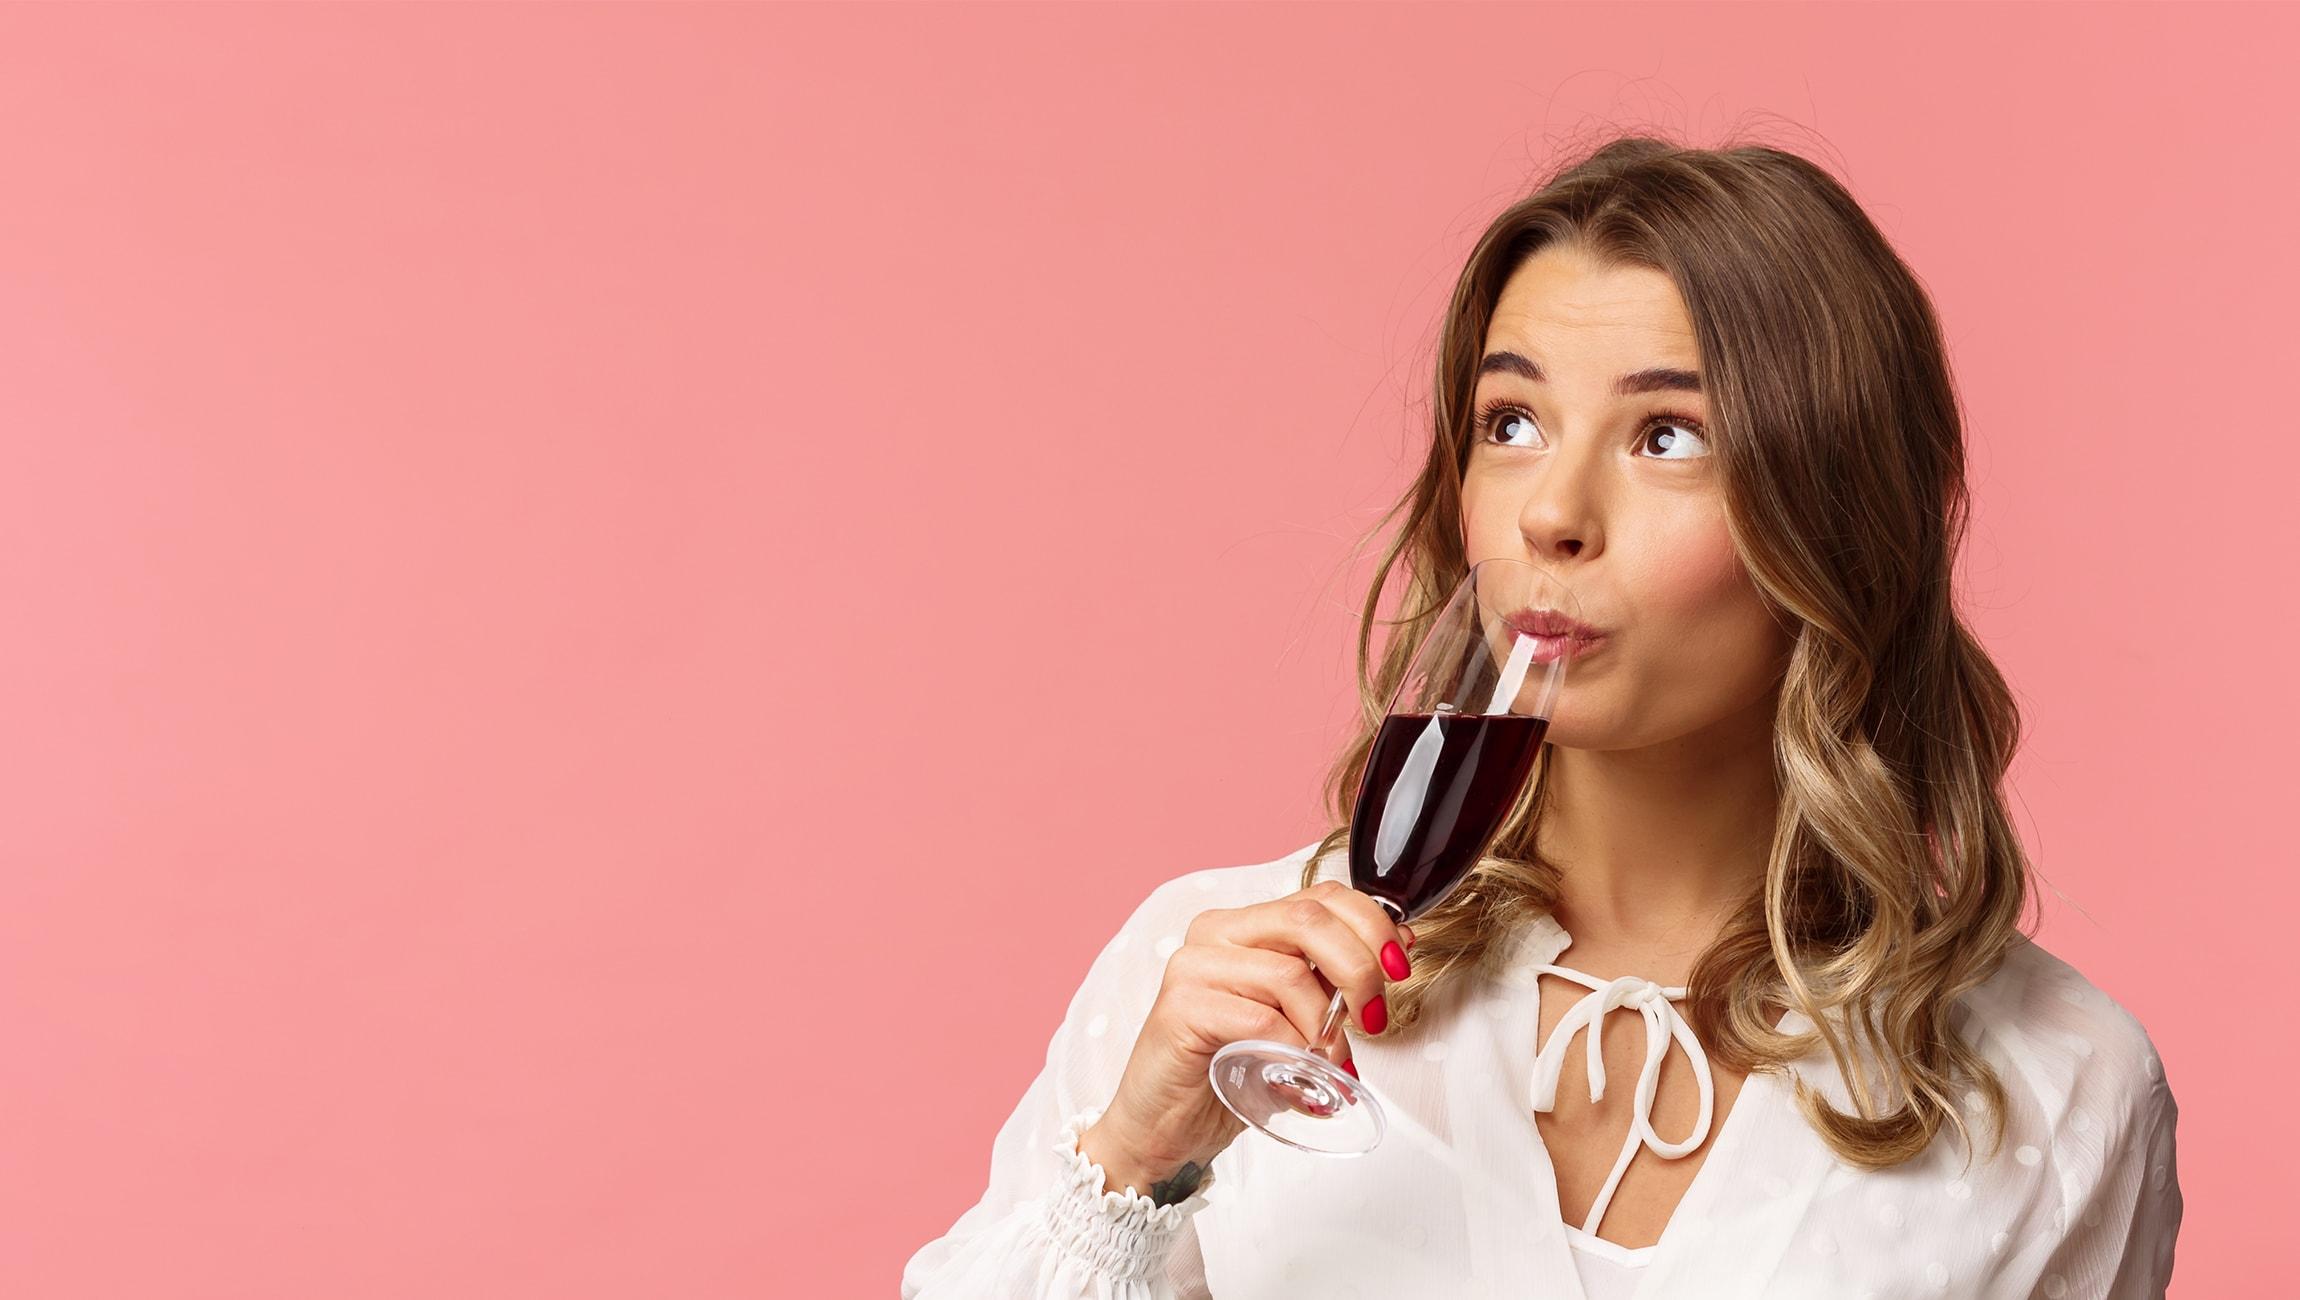 Junge Frau hebt ein Glas Wein an ihren Mund